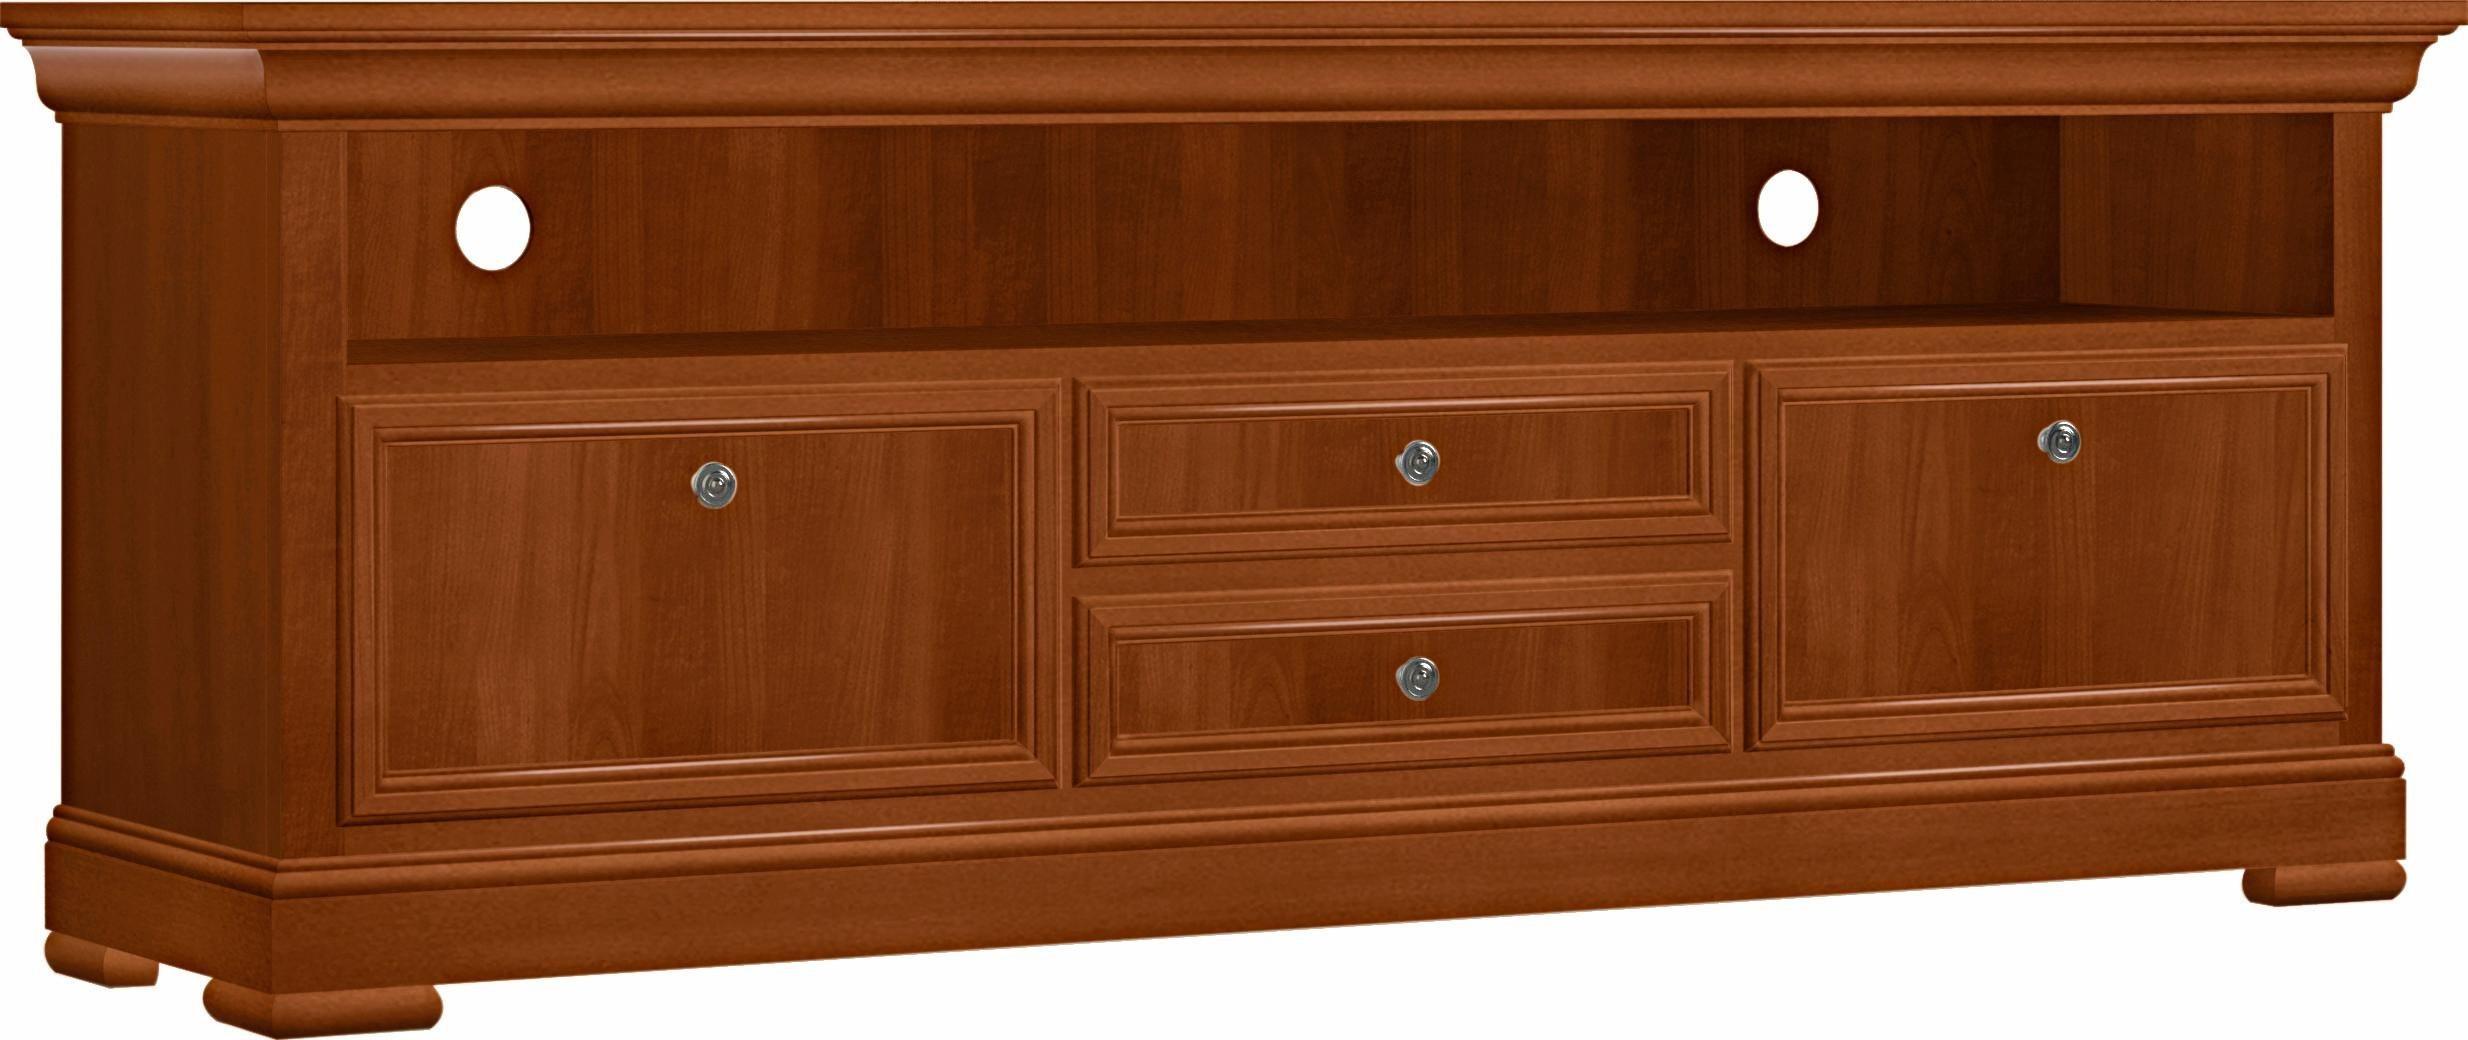 selva lowboards online kaufen m bel suchmaschine. Black Bedroom Furniture Sets. Home Design Ideas